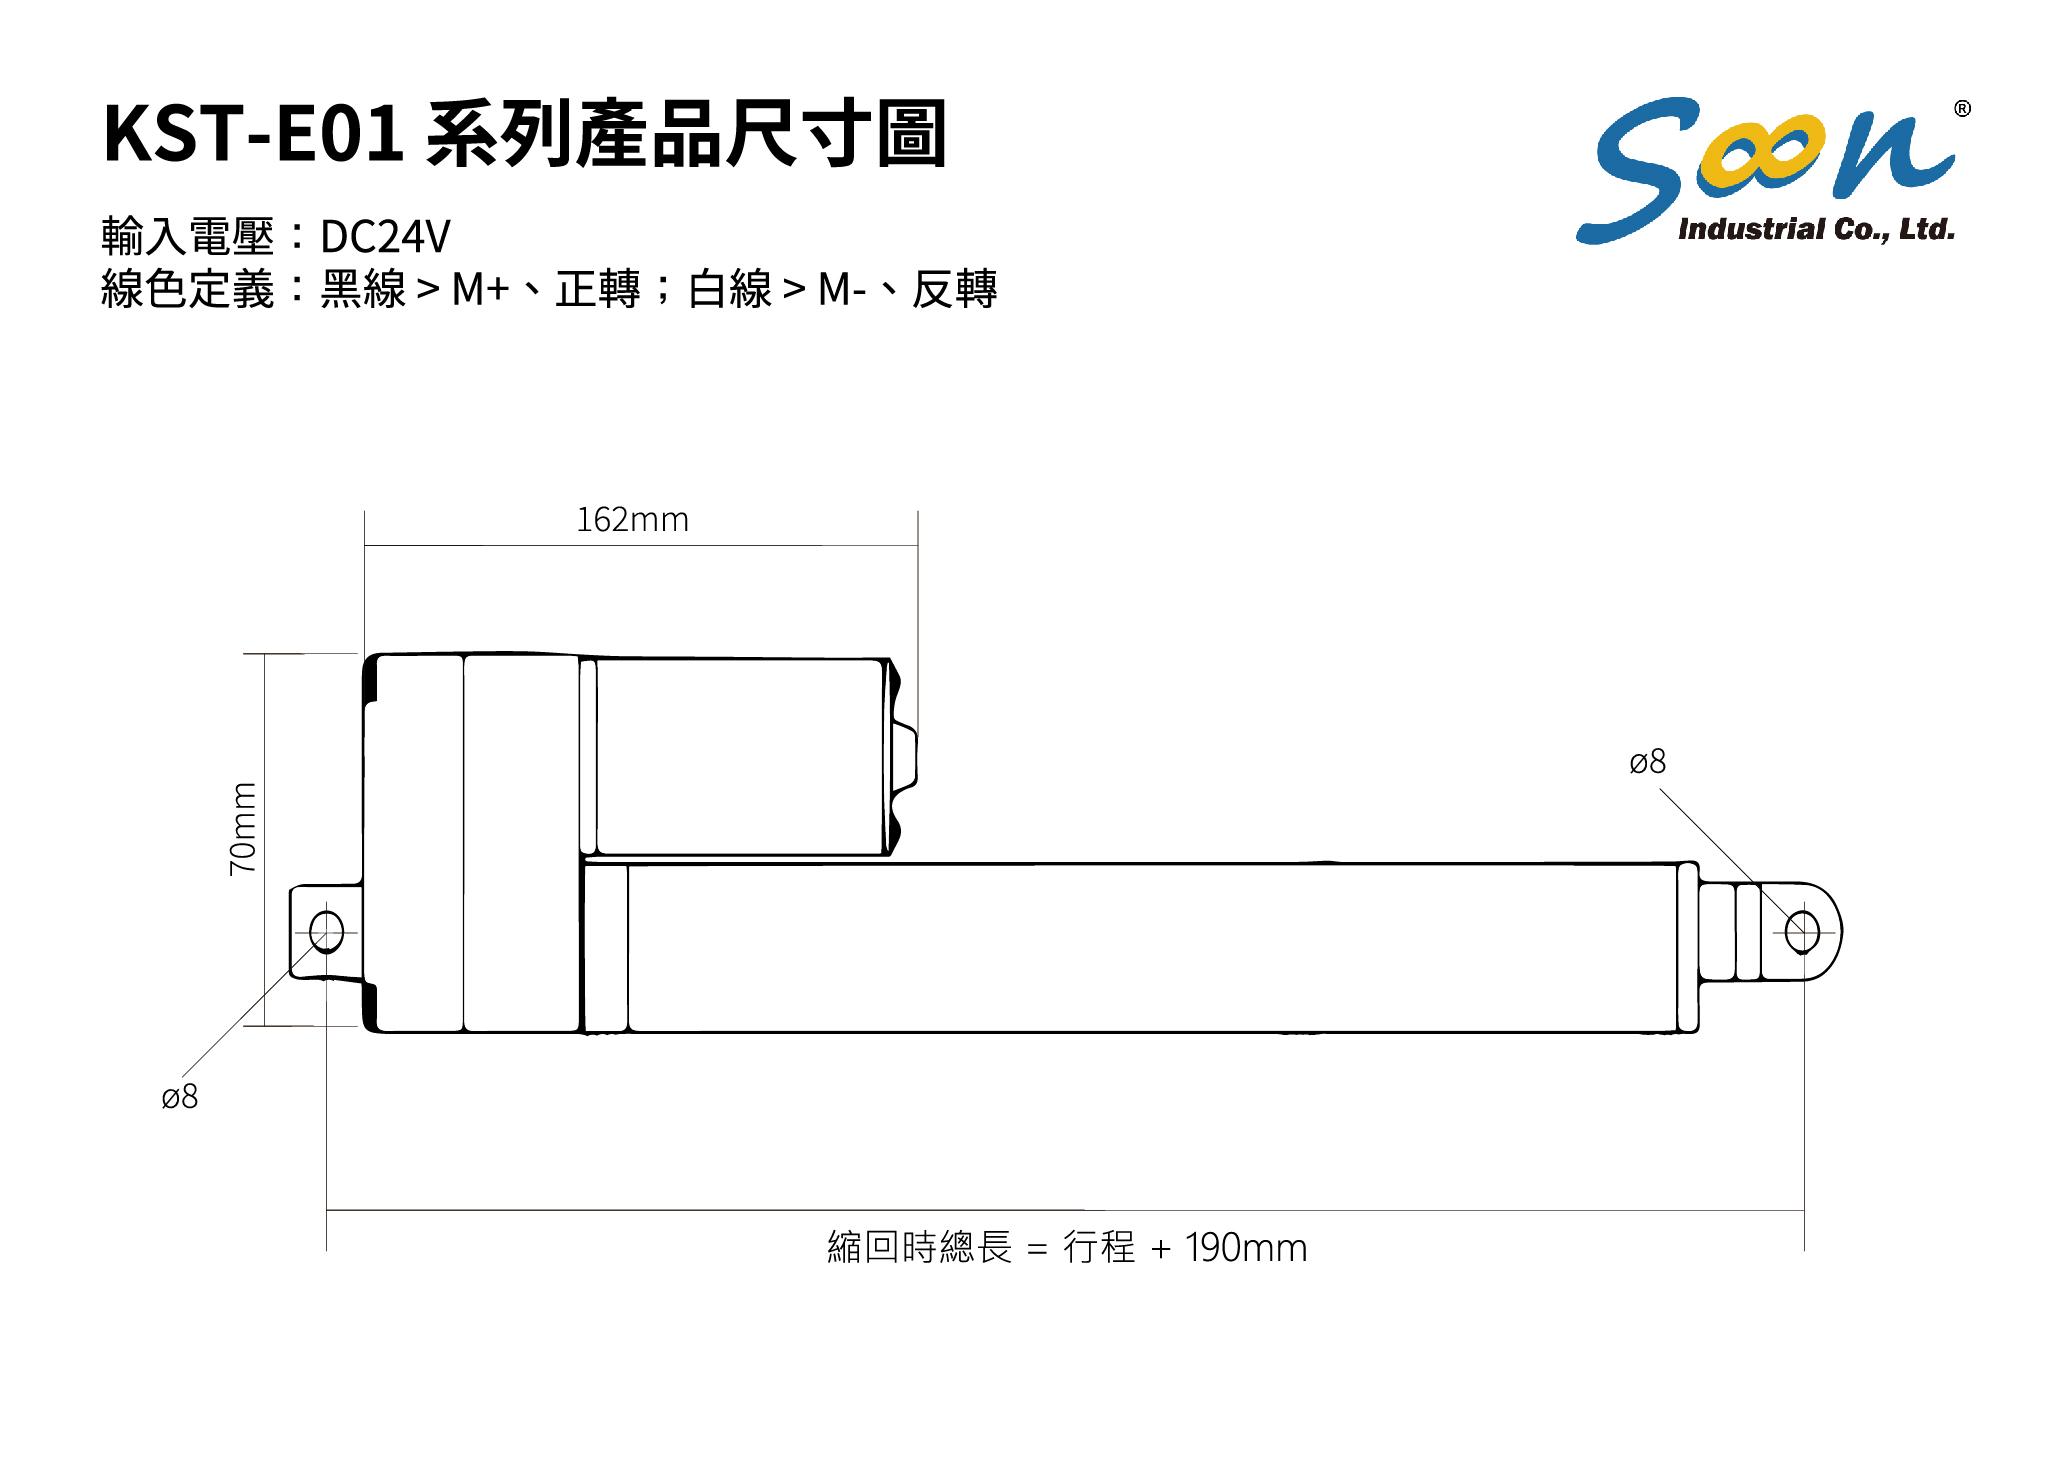 KST-E01 電動推桿_產品尺寸圖